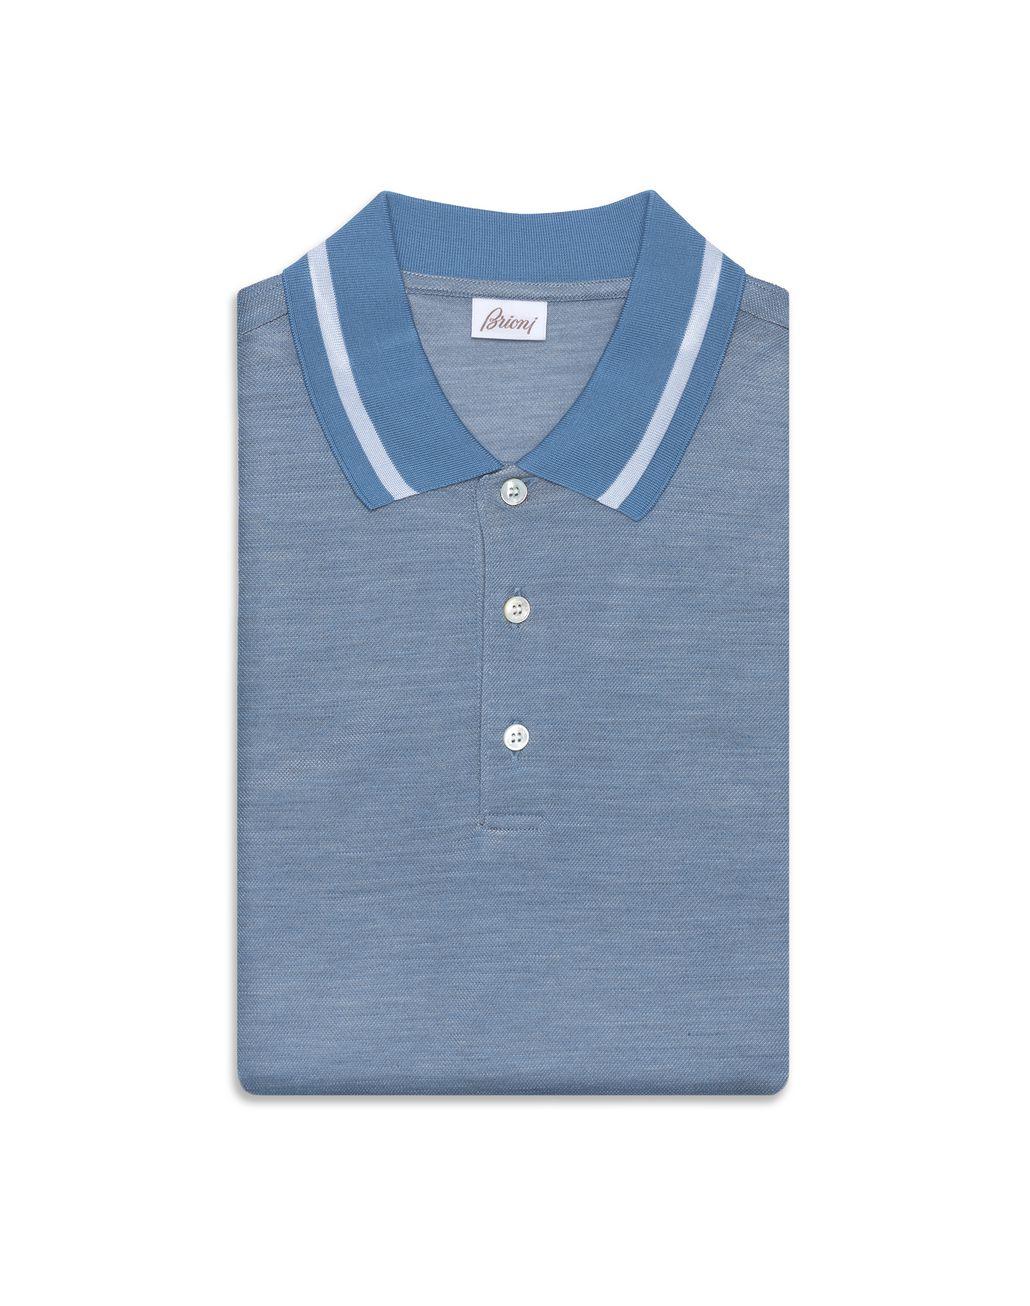 BRIONI Небесно-голубая поло с переливчатым эффектом Футболки и поло Для Мужчин f